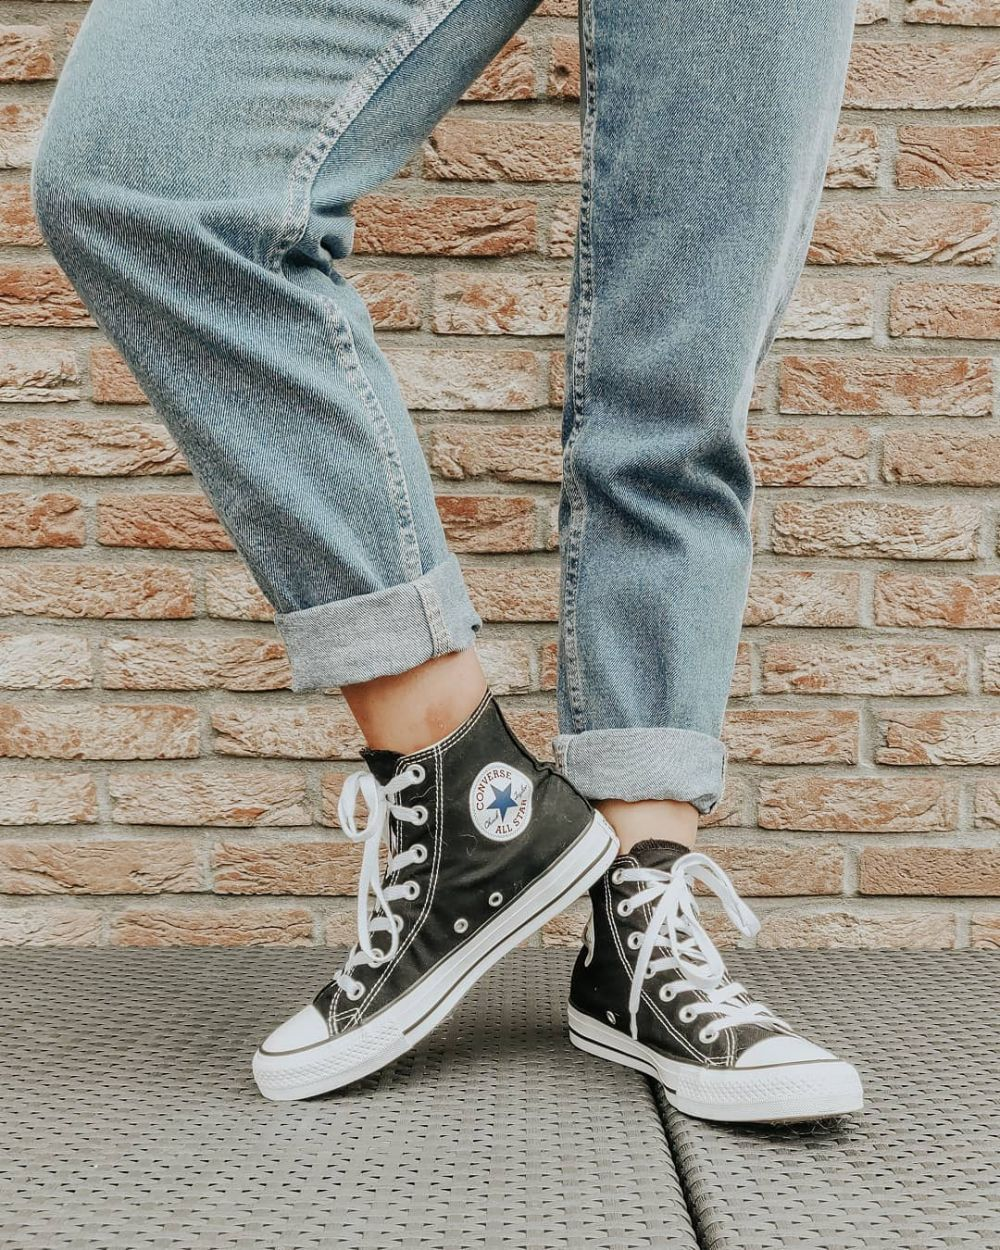 jenis sneakers ngetren istimewa